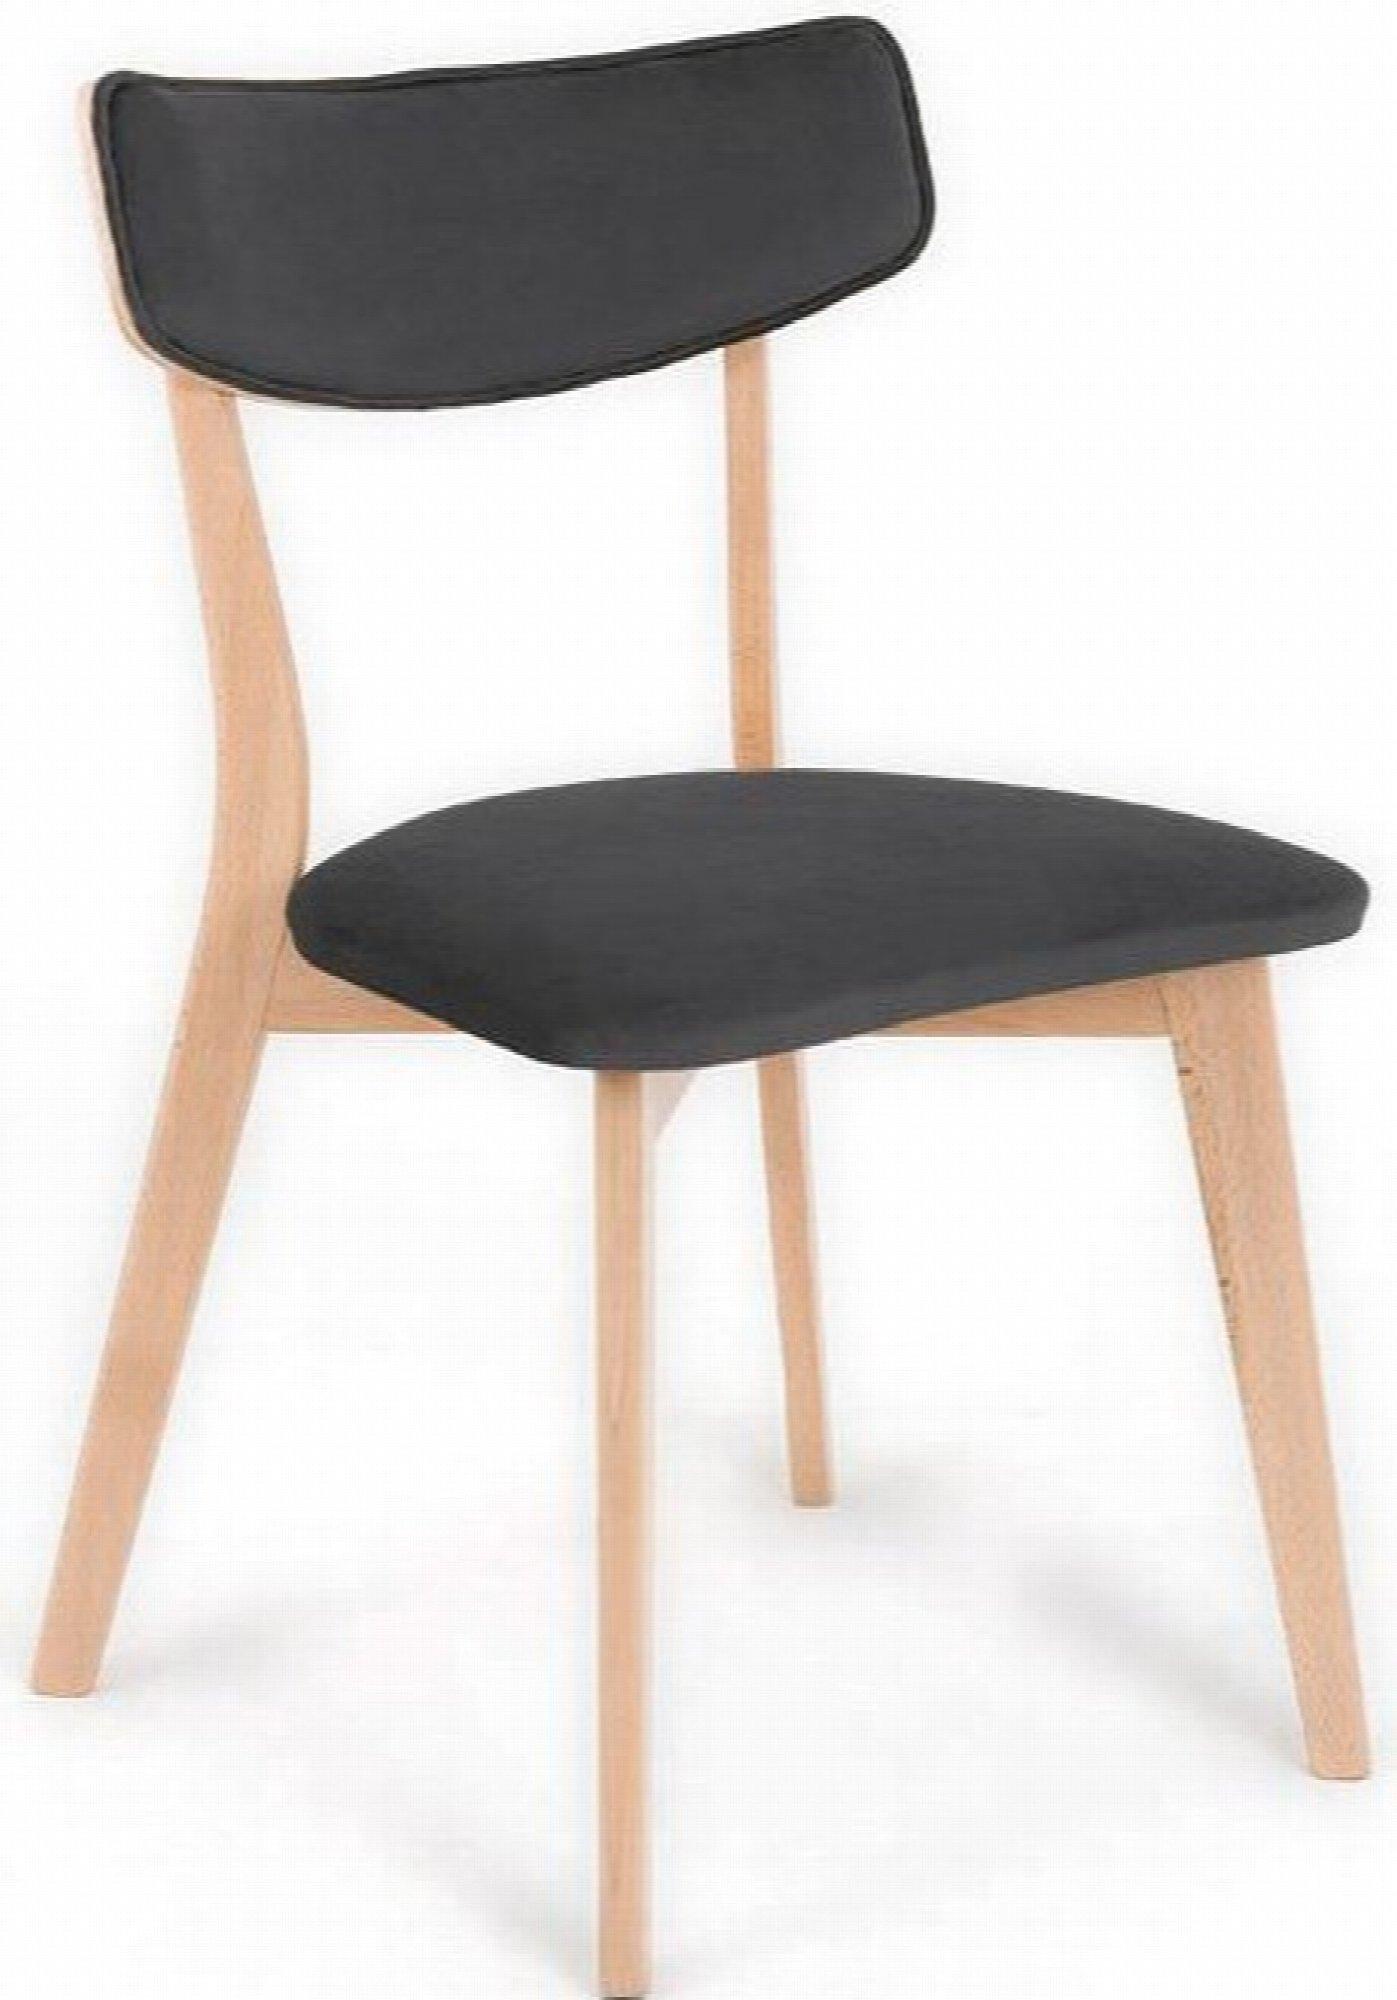 maison du monde Chaise design tradition velours gris pieds bois clair